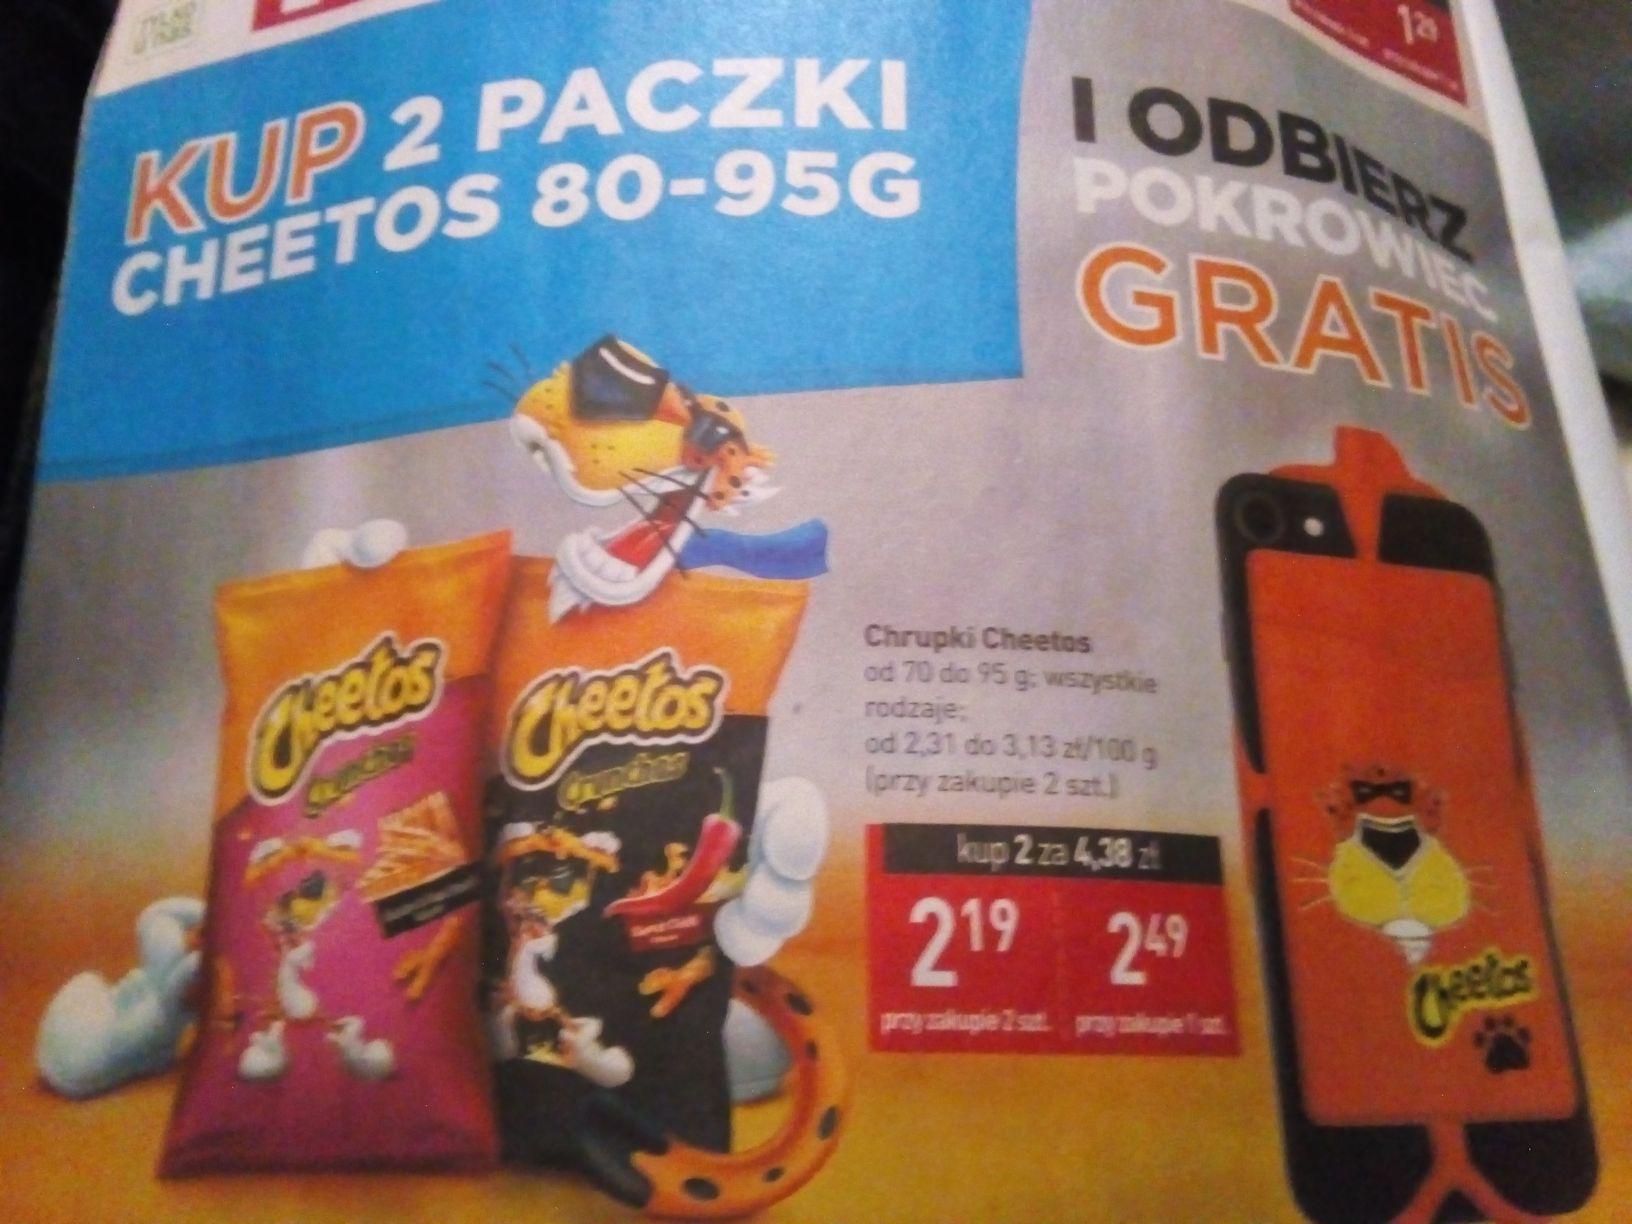 2xpaczki Cheetos (80-95g) za 4.38 zł + pokrowiec na telefon gratis@ stokrotka